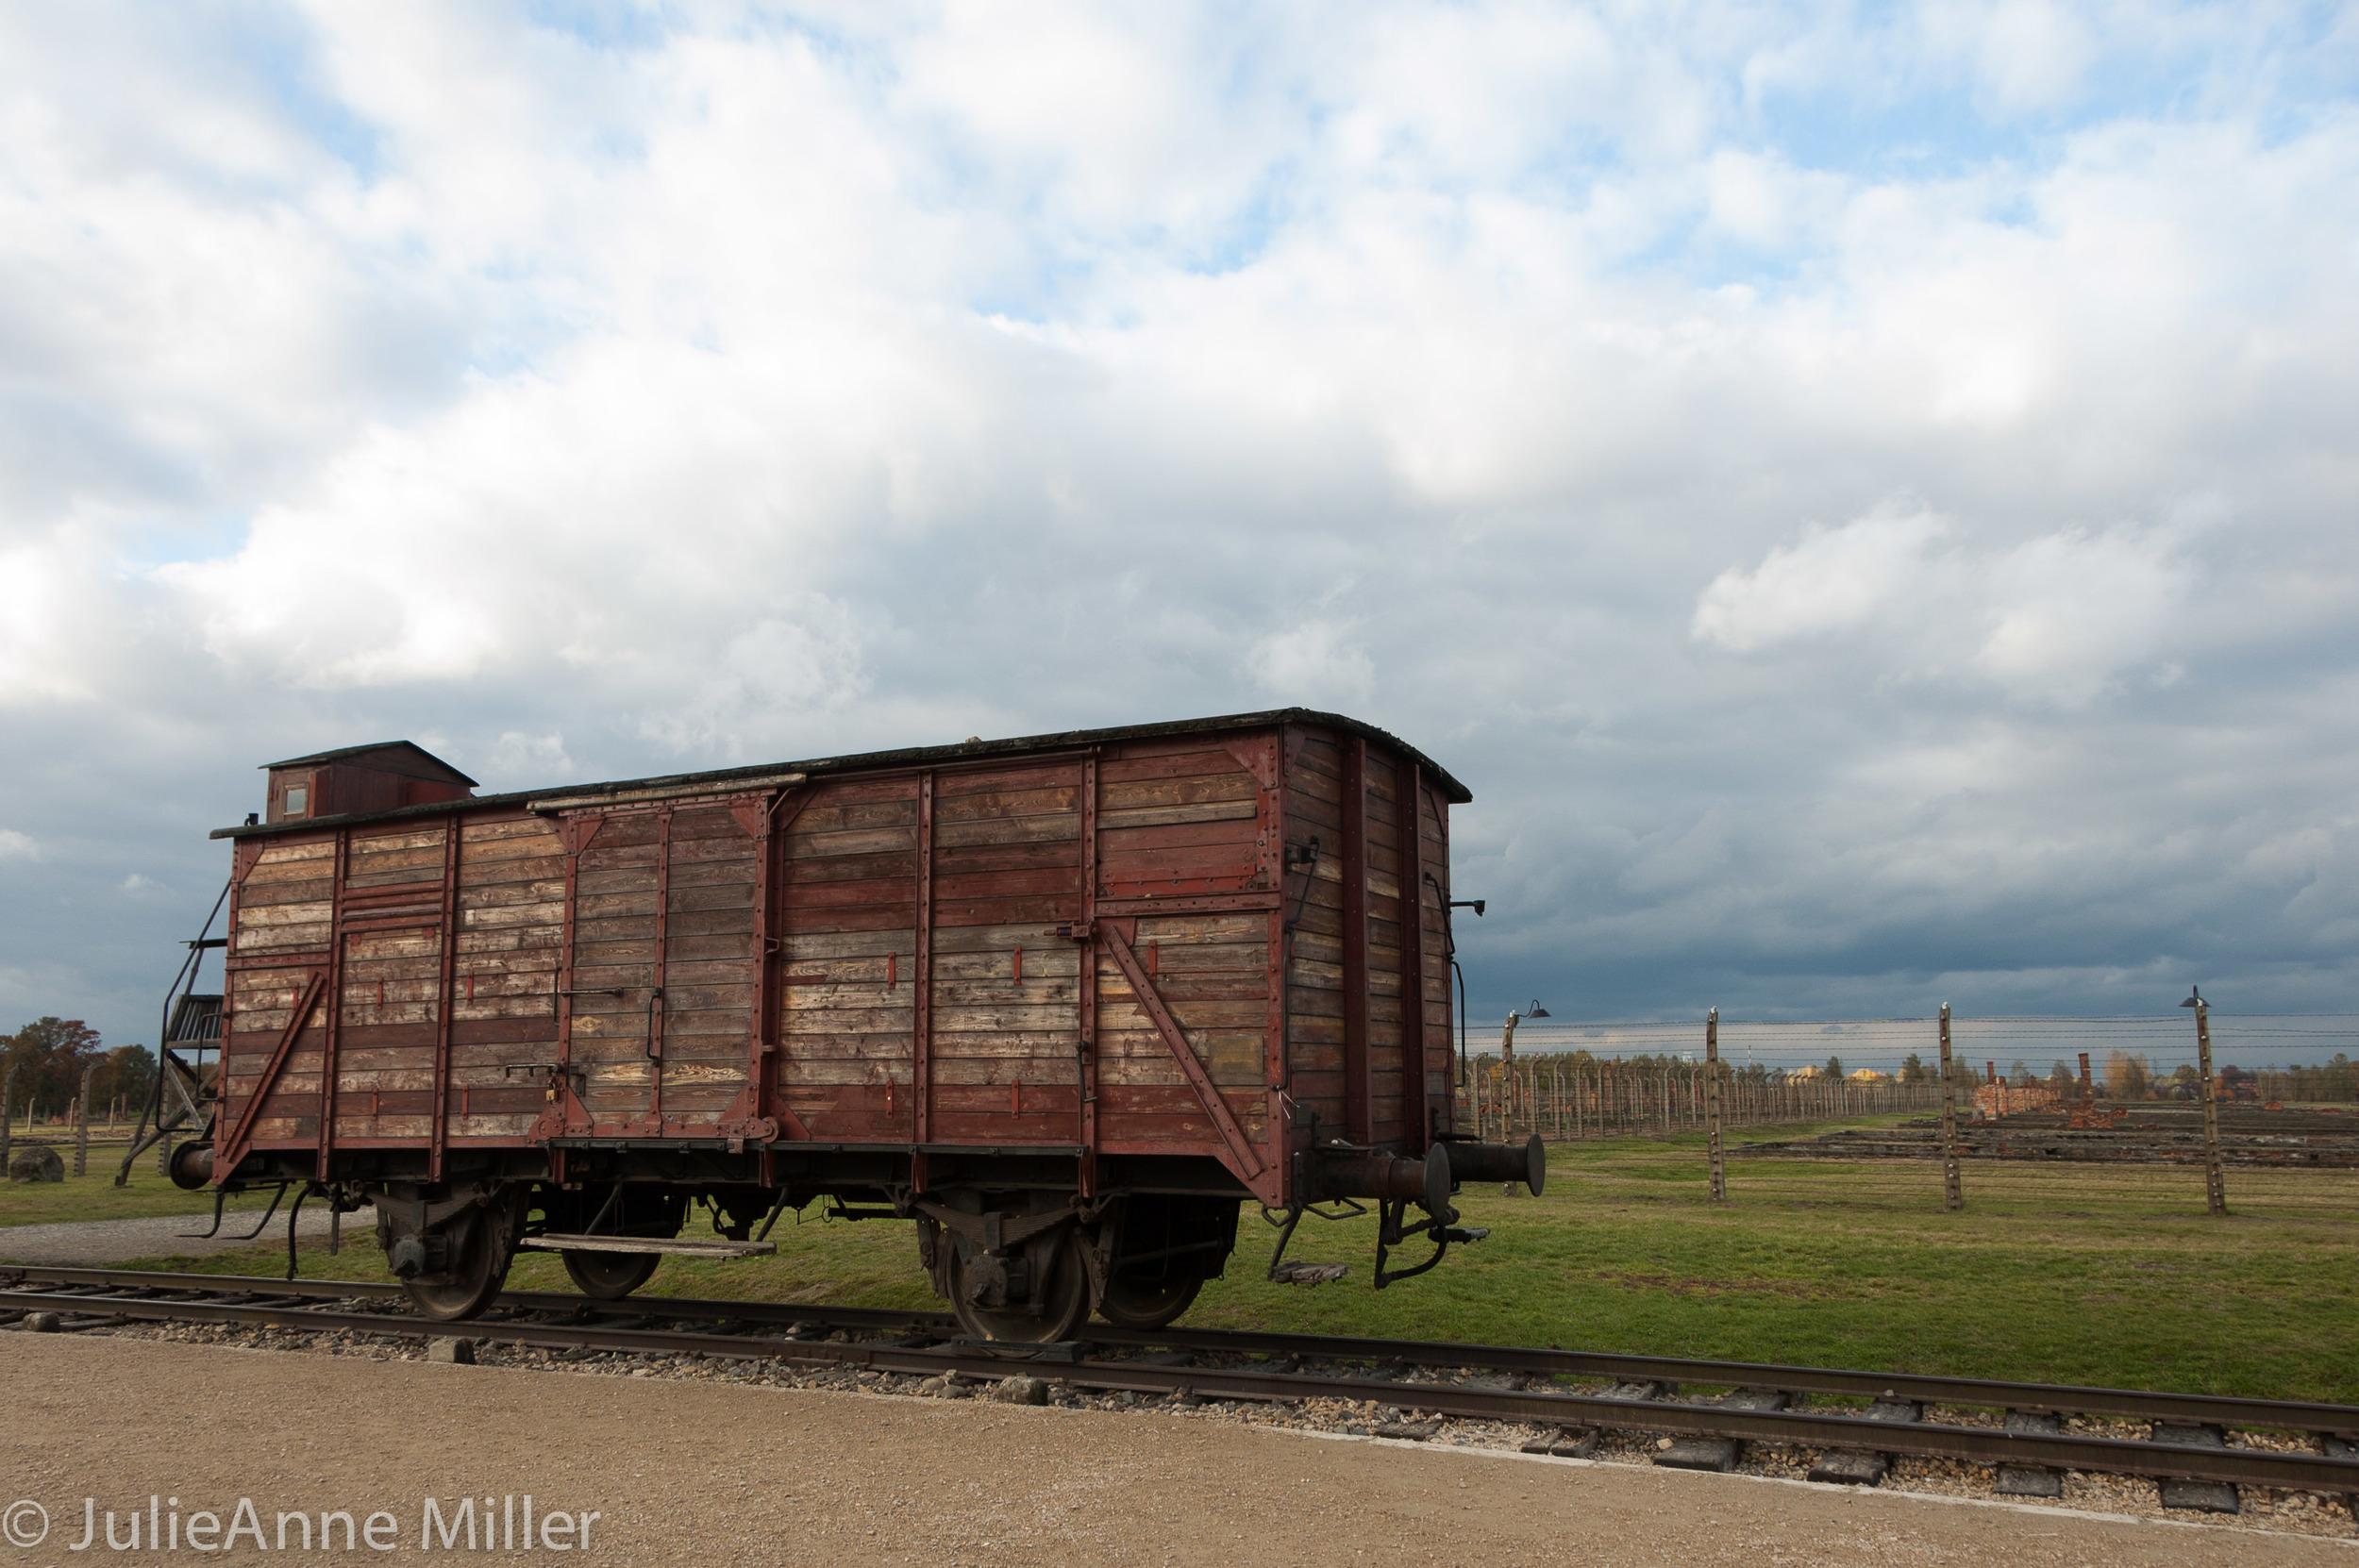 birkenau train.jpg